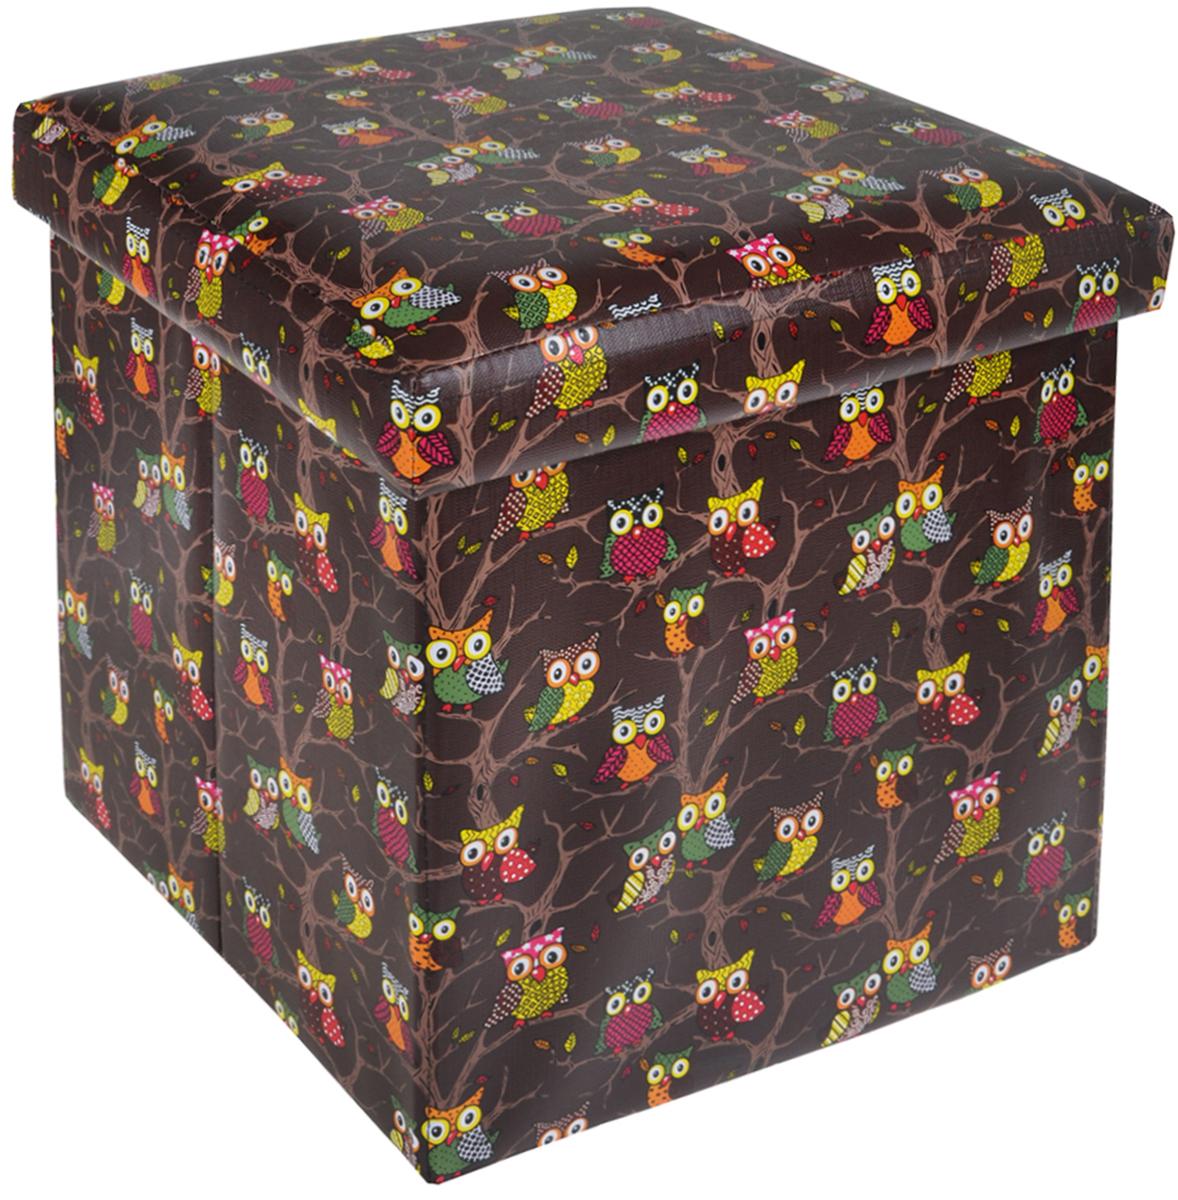 Пуфик складной El Casa Совы, с ящиком для хранения, цвет: коричневый, 35 см х 35 см х 35 см171151Складной пуфик El Casa Совы, выполненный из МДФ и экокожи, понравится всем ценителяморигинальных вещей. Благодаря удобной конструкции складывается и раскладывается однимдвижением. В сложенном виде изделие занимает минимум места, его легко хранить и перевозить.В таком пуфике можно хранить всевозможные предметы: книги, игрушки, рукоделие. Яркий дизайн привнесет в ваш интерьер неповторимый шарм.Размер пуфика (в собранном виде): 35 см х 35 см х 35 см.